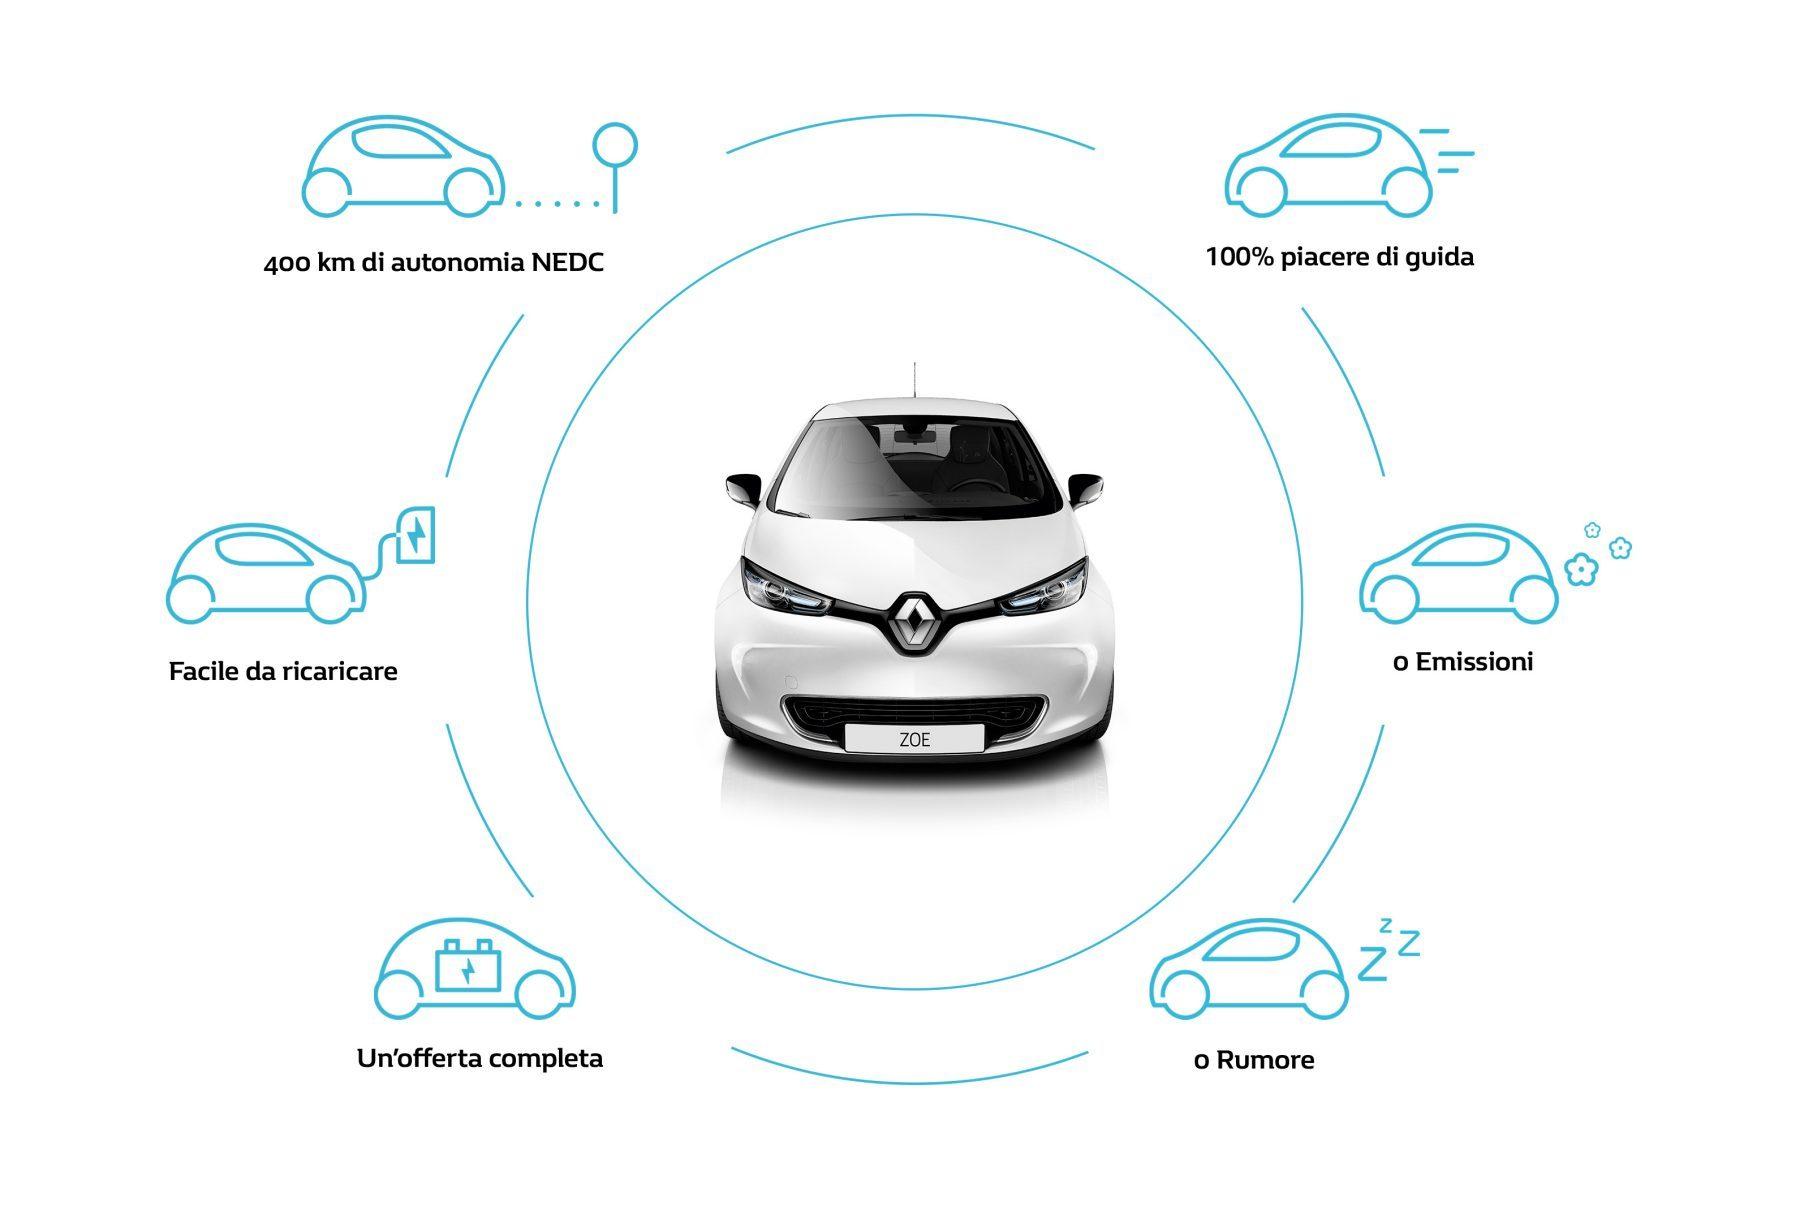 Scheda tecnica Renault Zoe